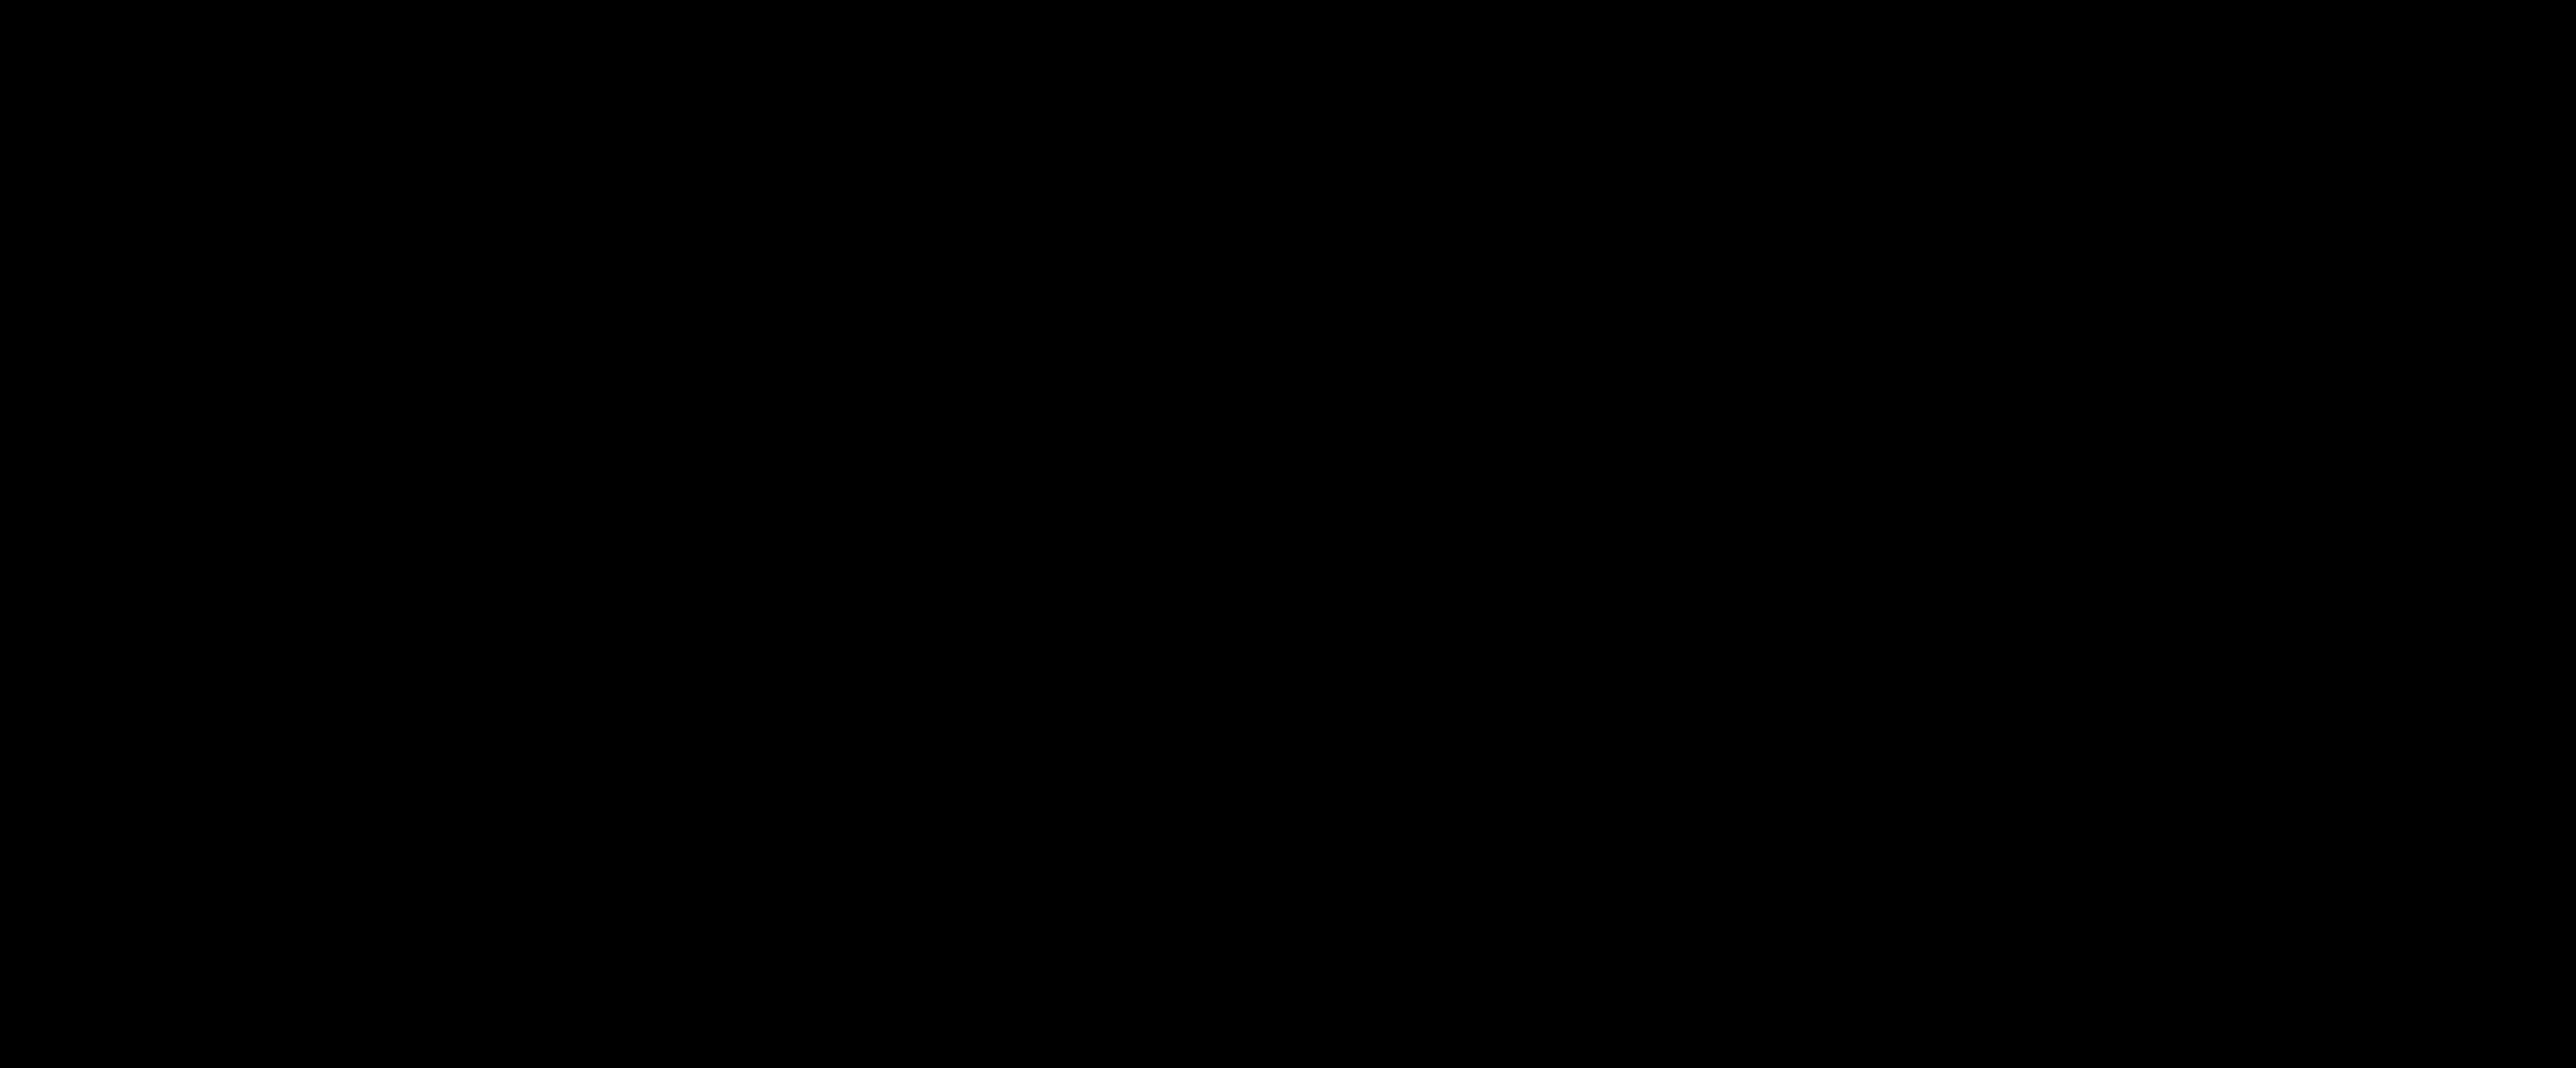 OUSAblog.png